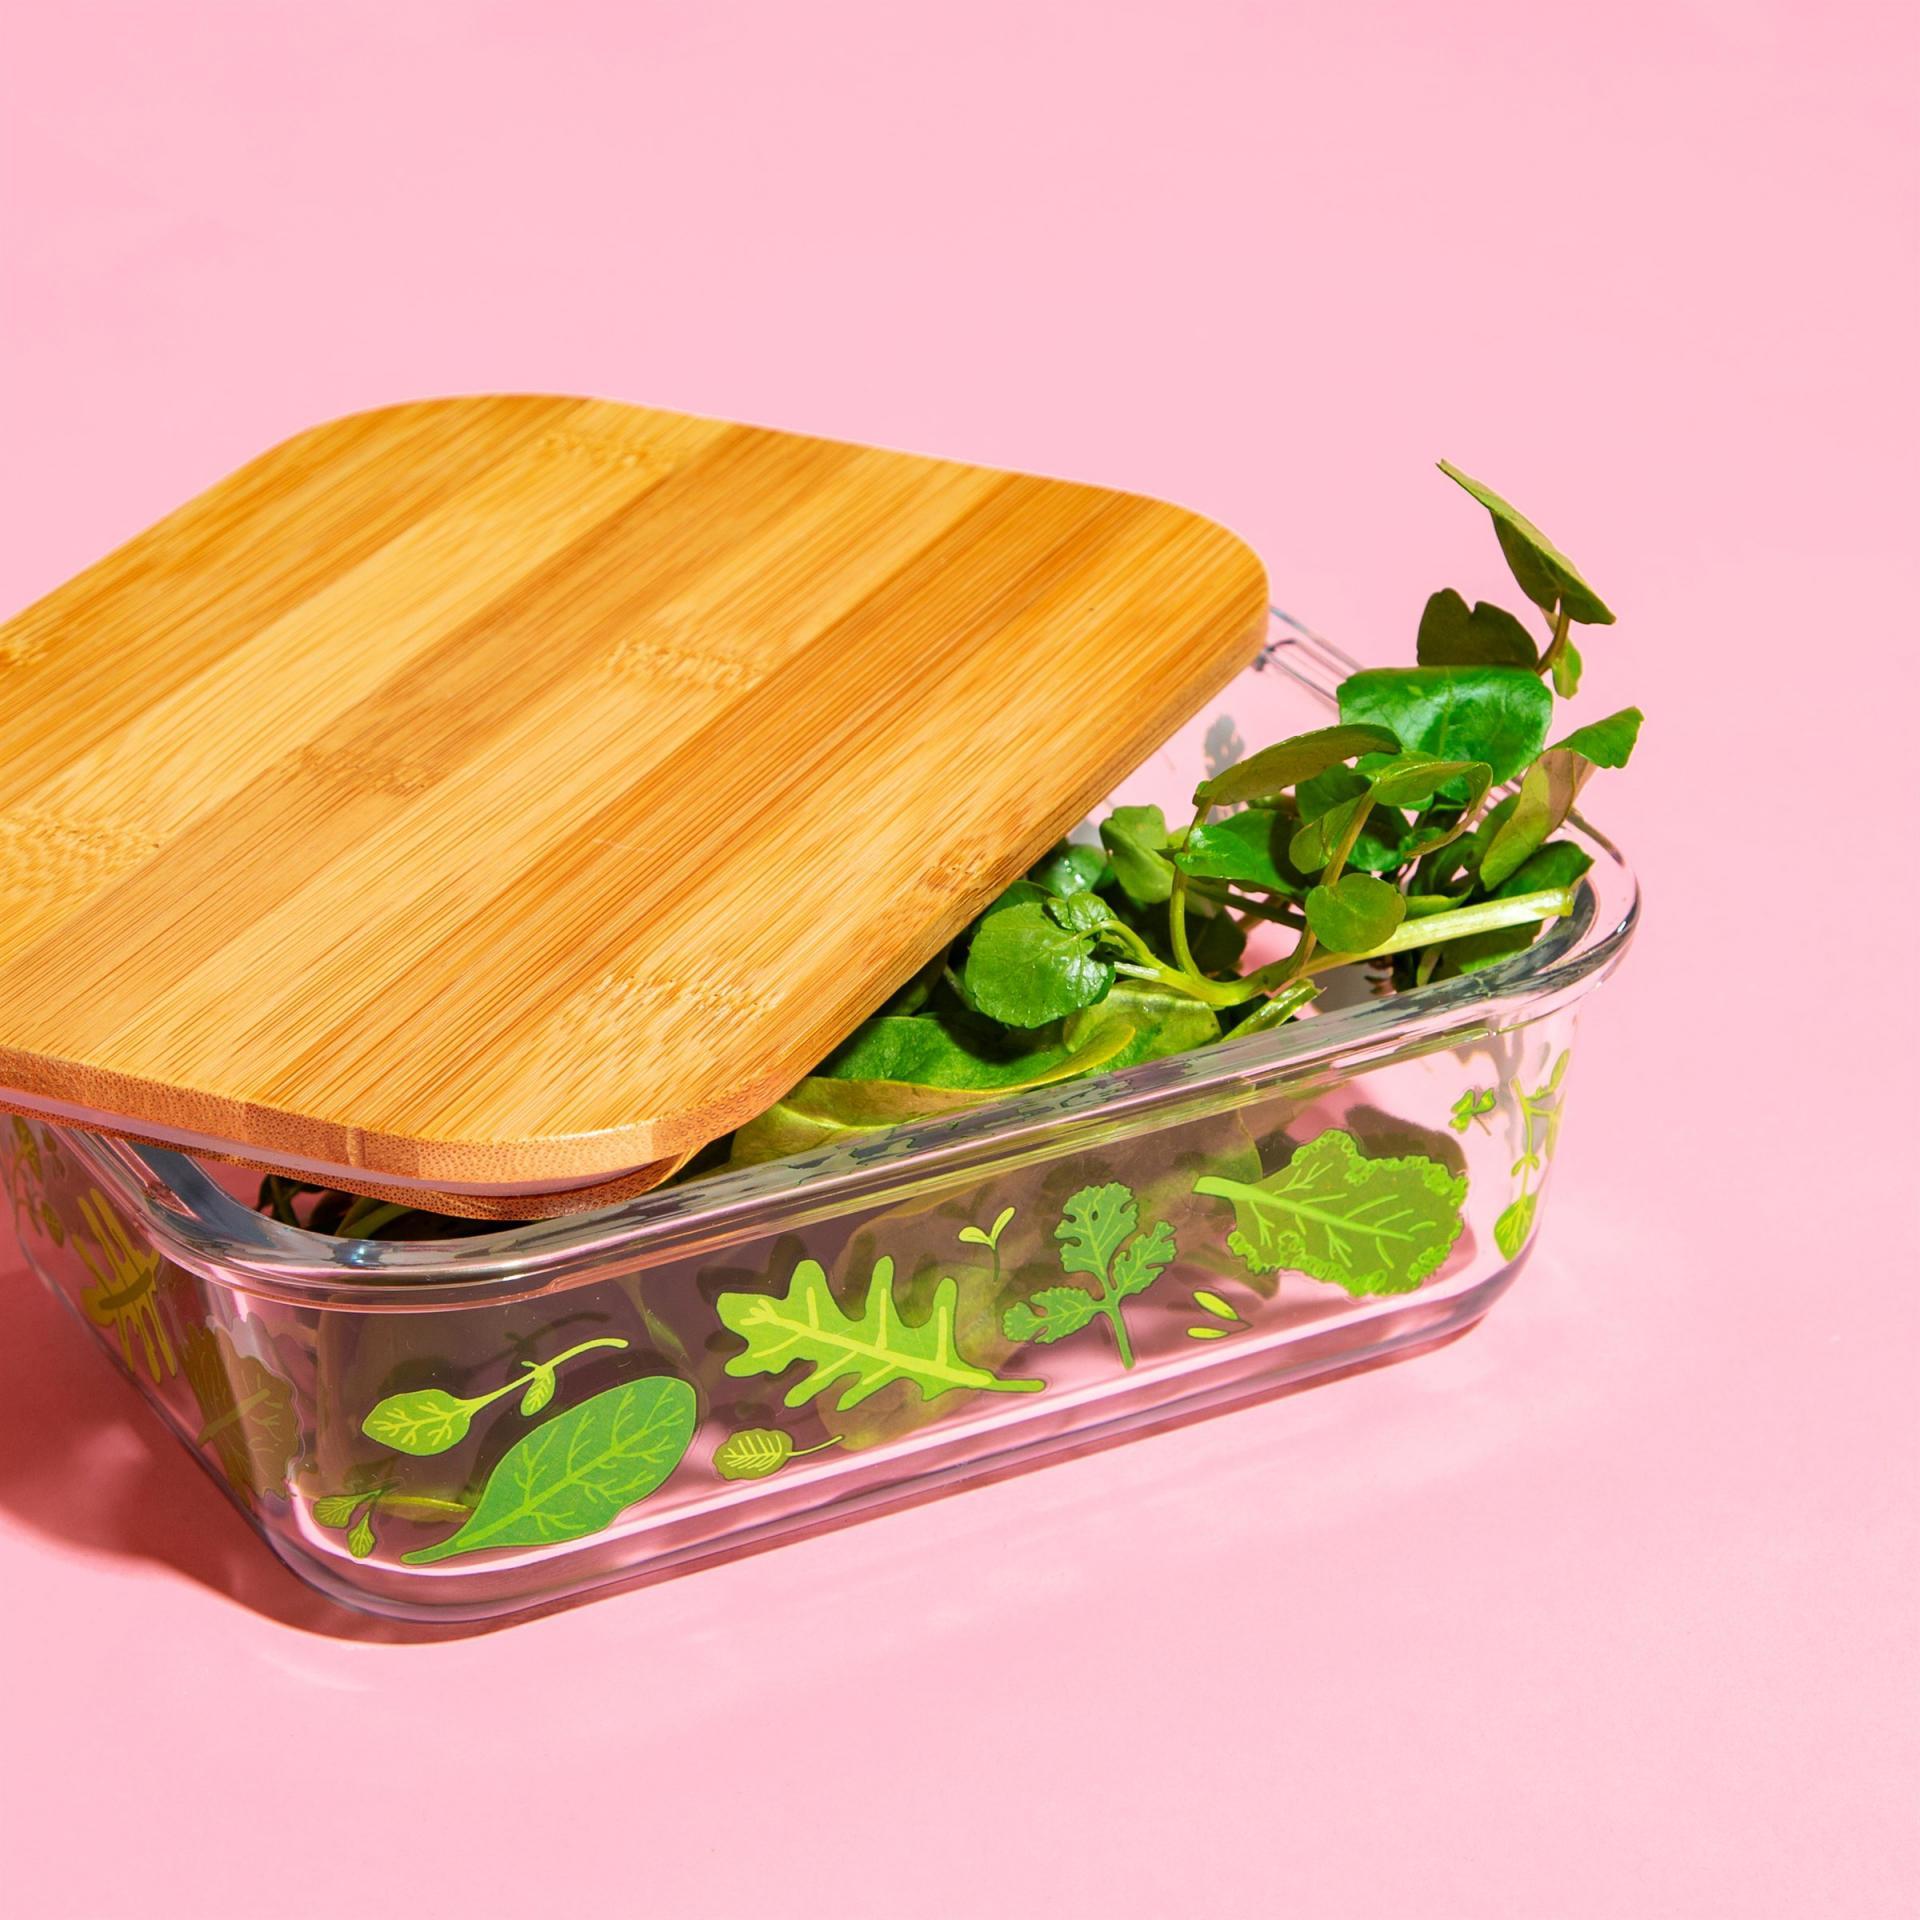 sass & belle Dóza na potraviny Powered By Plants, zelená barva, čirá barva, přírodní barva, sklo, dřevo